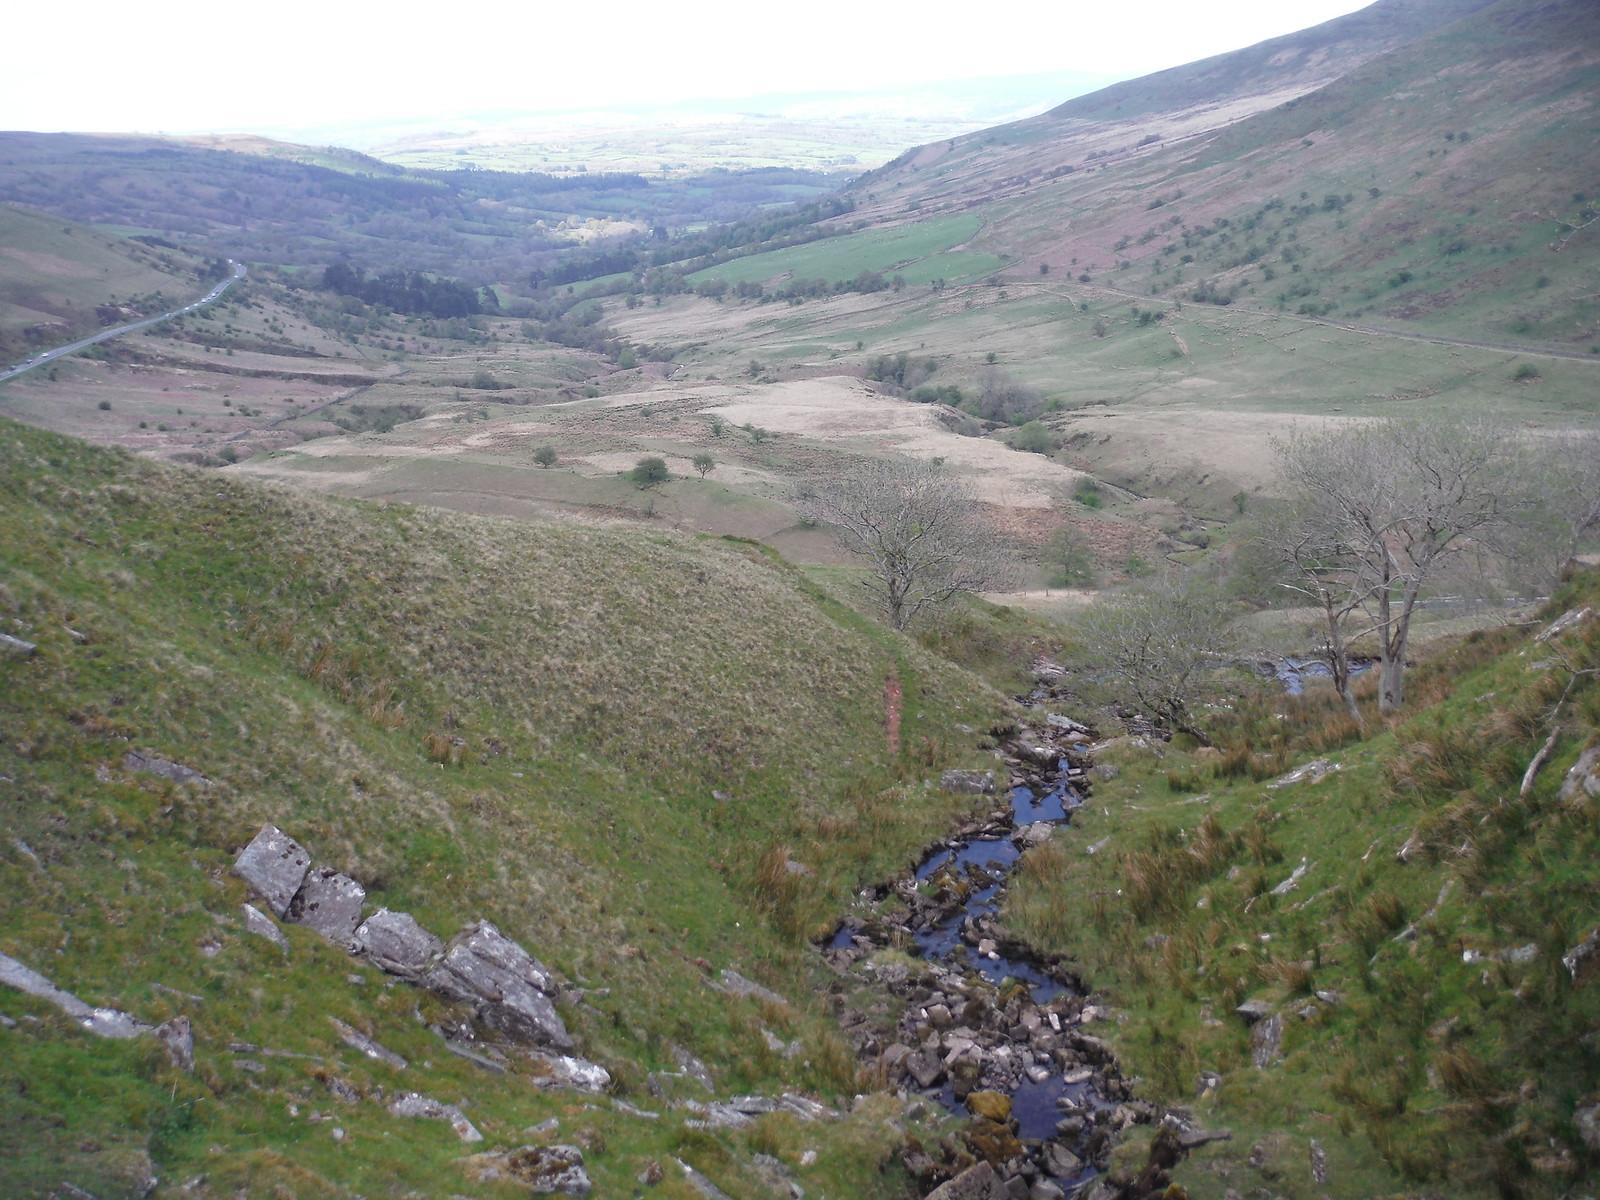 Glyn Tarell, from Craig y Fro SWC Walk 307 - Fforest Fawr Traverse (Craig y Nos to Llwyn-y-celyn) [Storey Arms Ending]